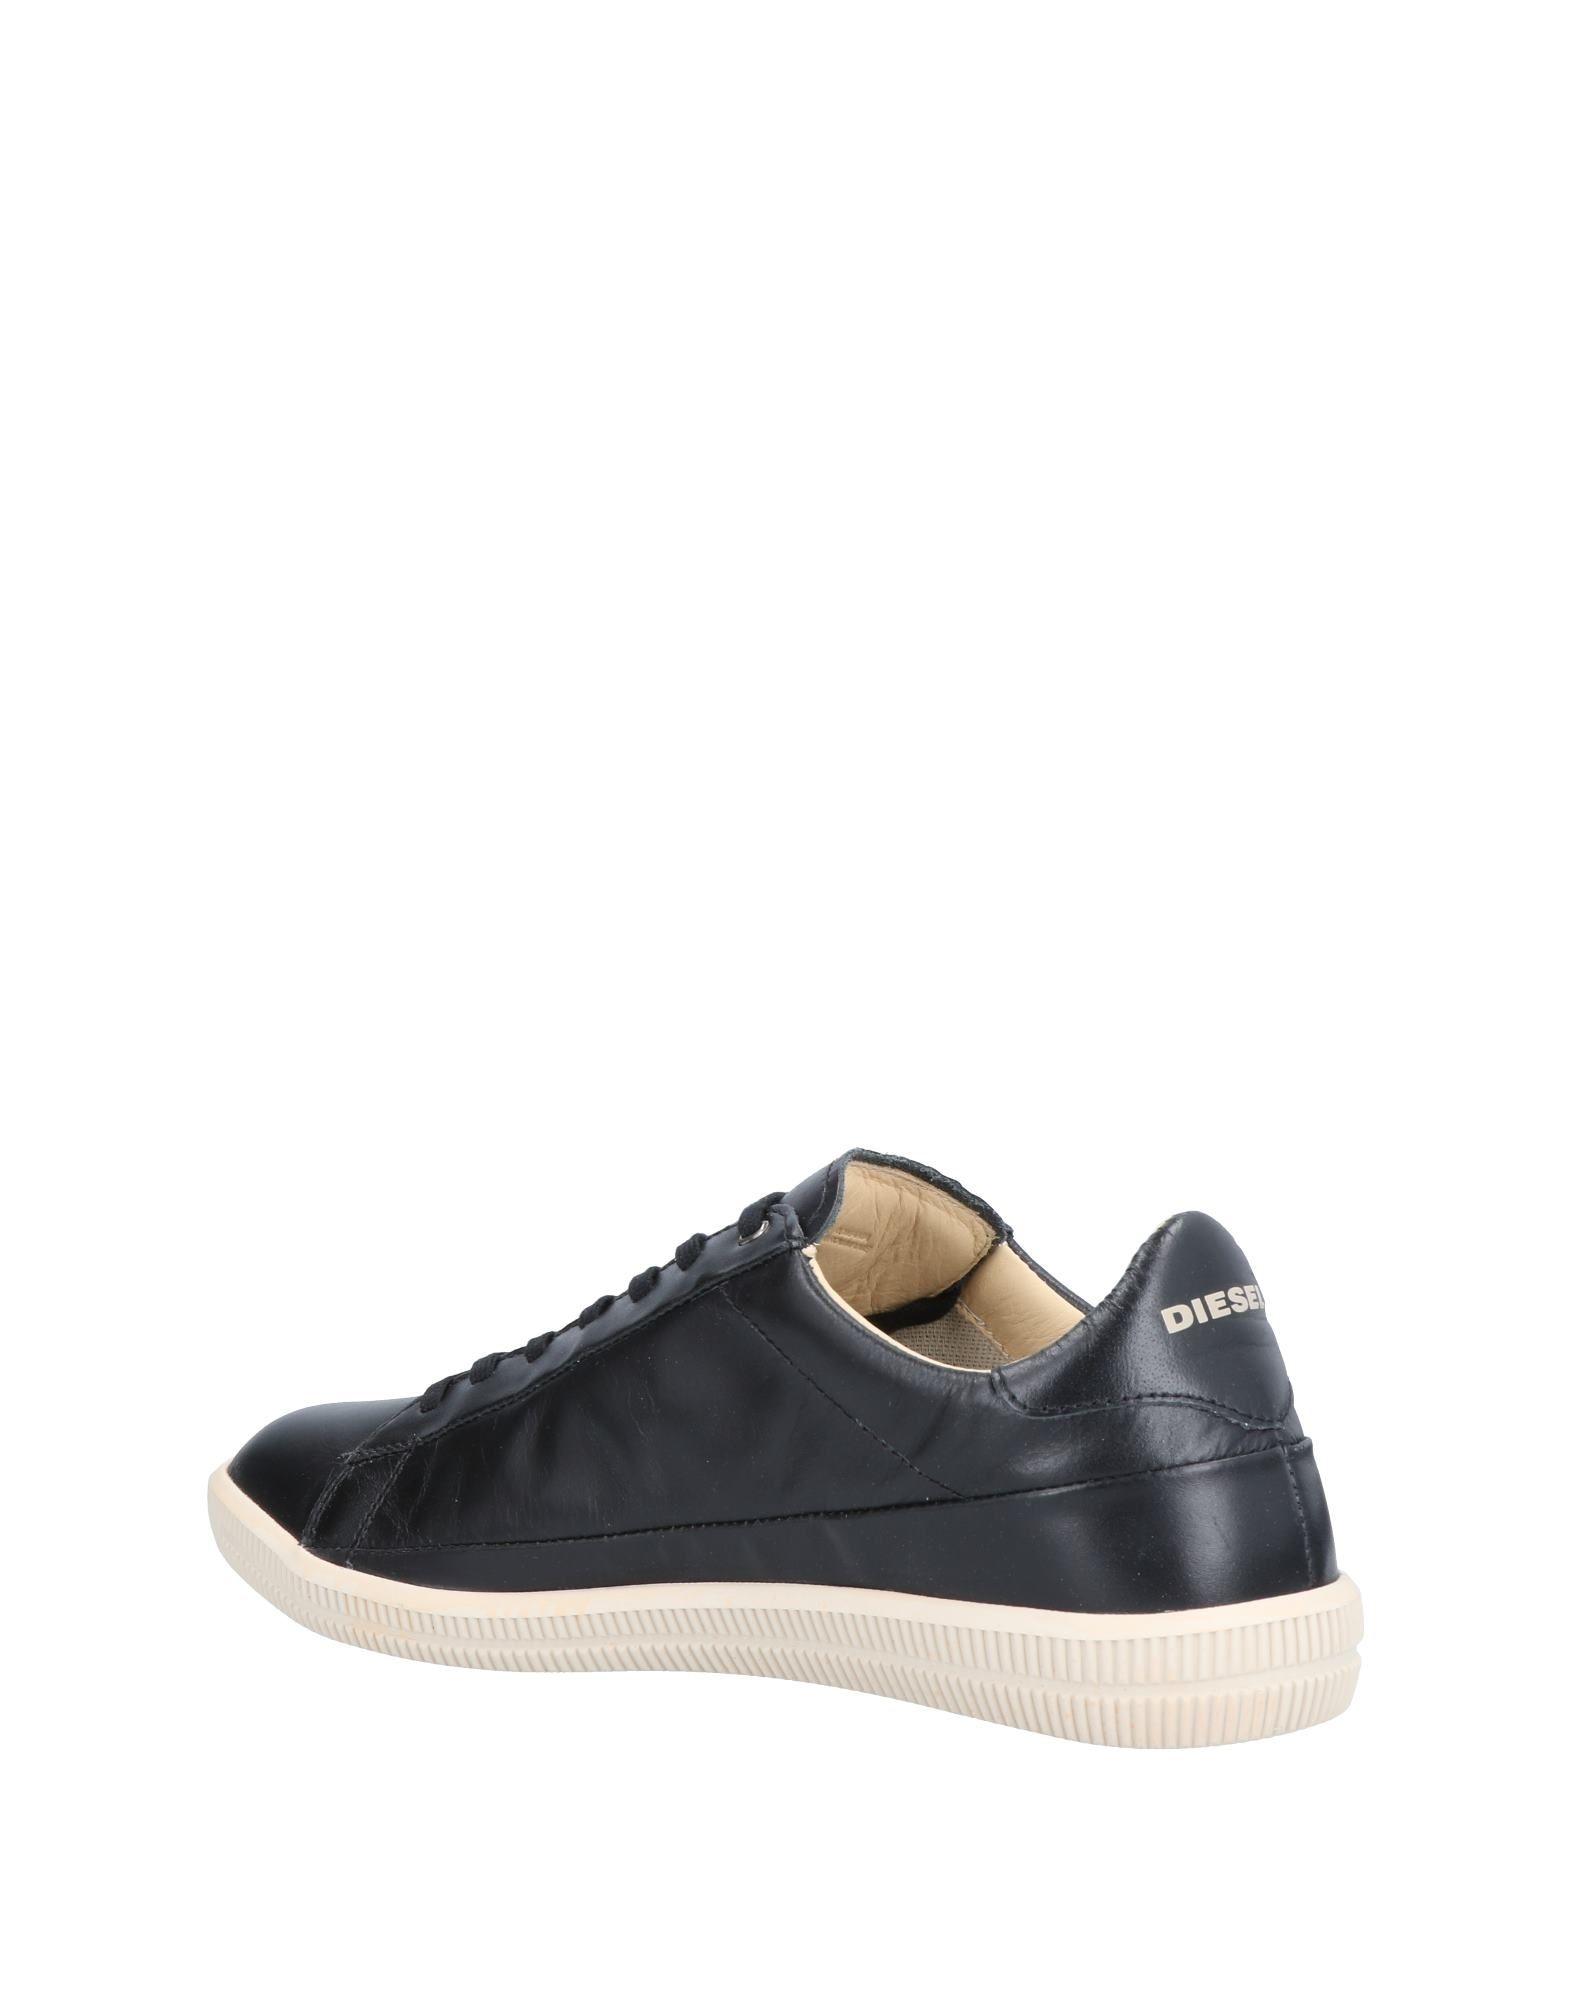 Rabatt echte Schuhe Diesel Sneakers Herren Herren Herren  11414683PB daa7e9